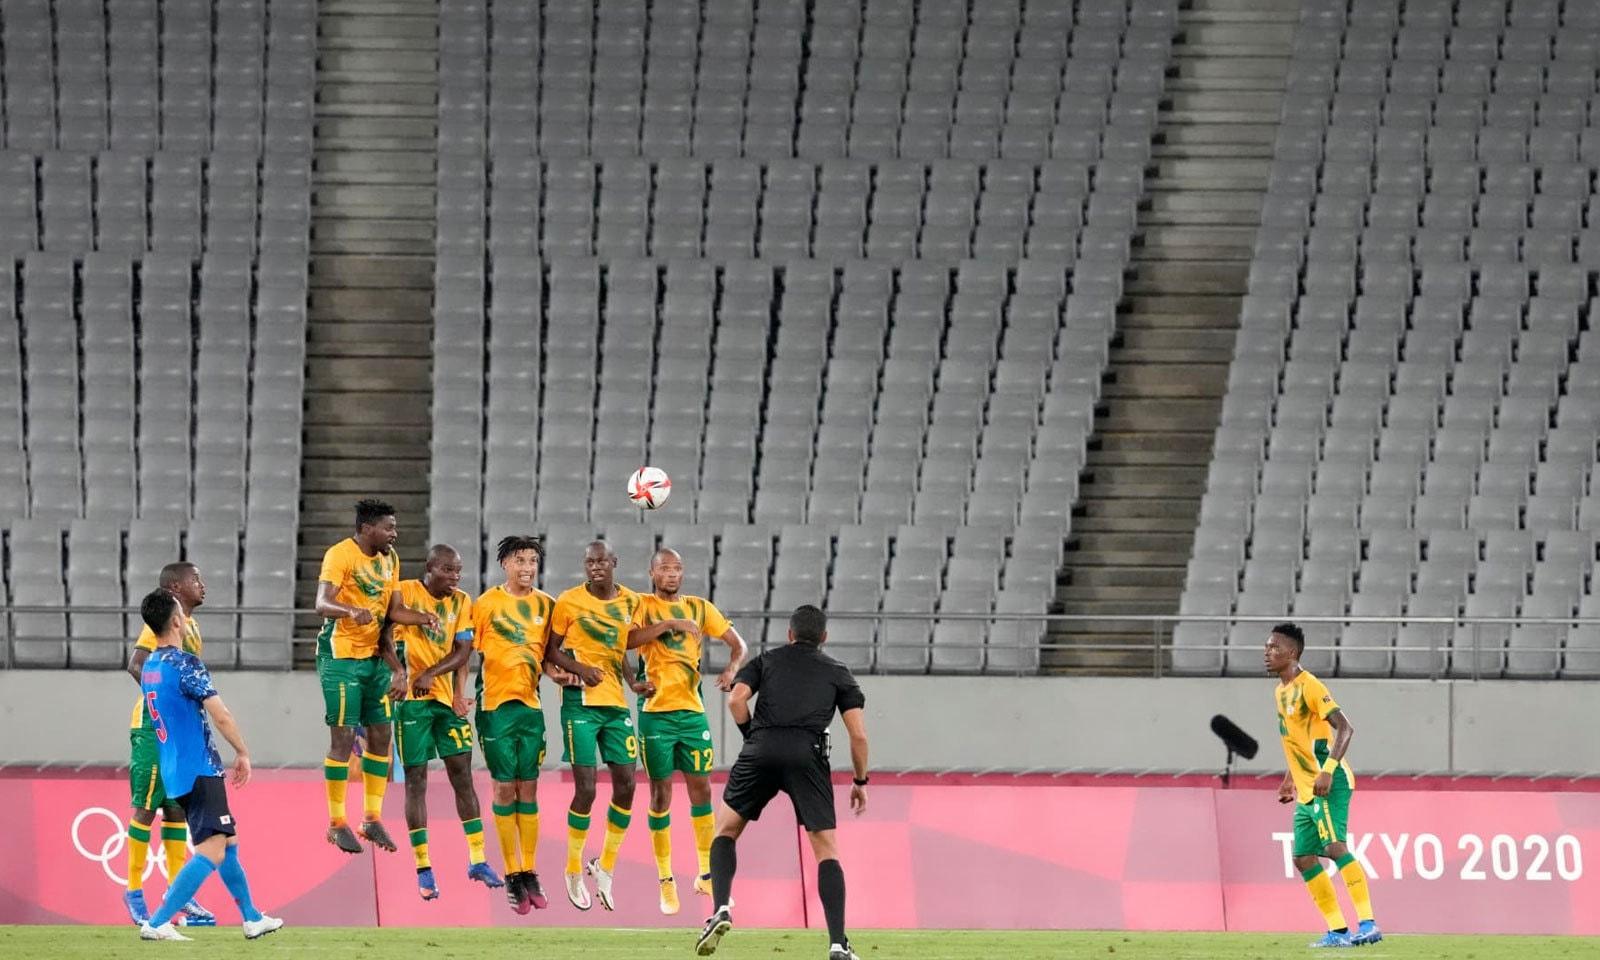 فٹبال مقابلوں میں جاپان اور جنوبی افریقہ کی ٹیمیں آمنے سامنے آئیں—فوٹو: اےپی